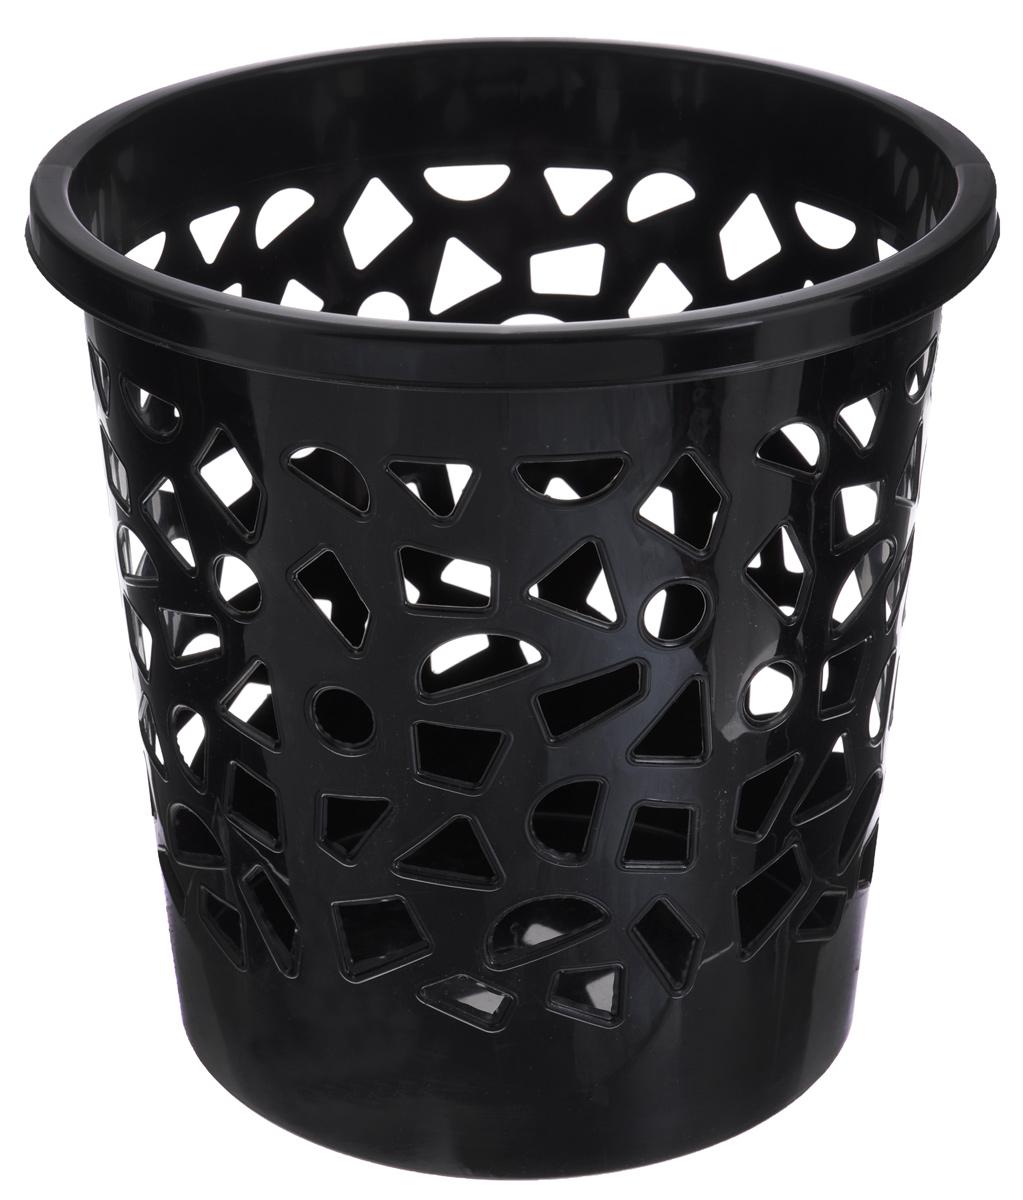 Корзина для мусора Бытпласт, цвет: черный, высота 26 смС12431_черныйКорзина для мусора Бытпласт, изготовлена из высококачественного пластика. Вы можете использовать ее для выбрасывания разных пищевых и не пищевых отходов. Корзина имеет отверстия на стенках и сплошное дно. Корзина для мусора поможет содержать ваше рабочее место в порядке. Диаметр (по верхнему краю): 26 см. Высота: 26 см.